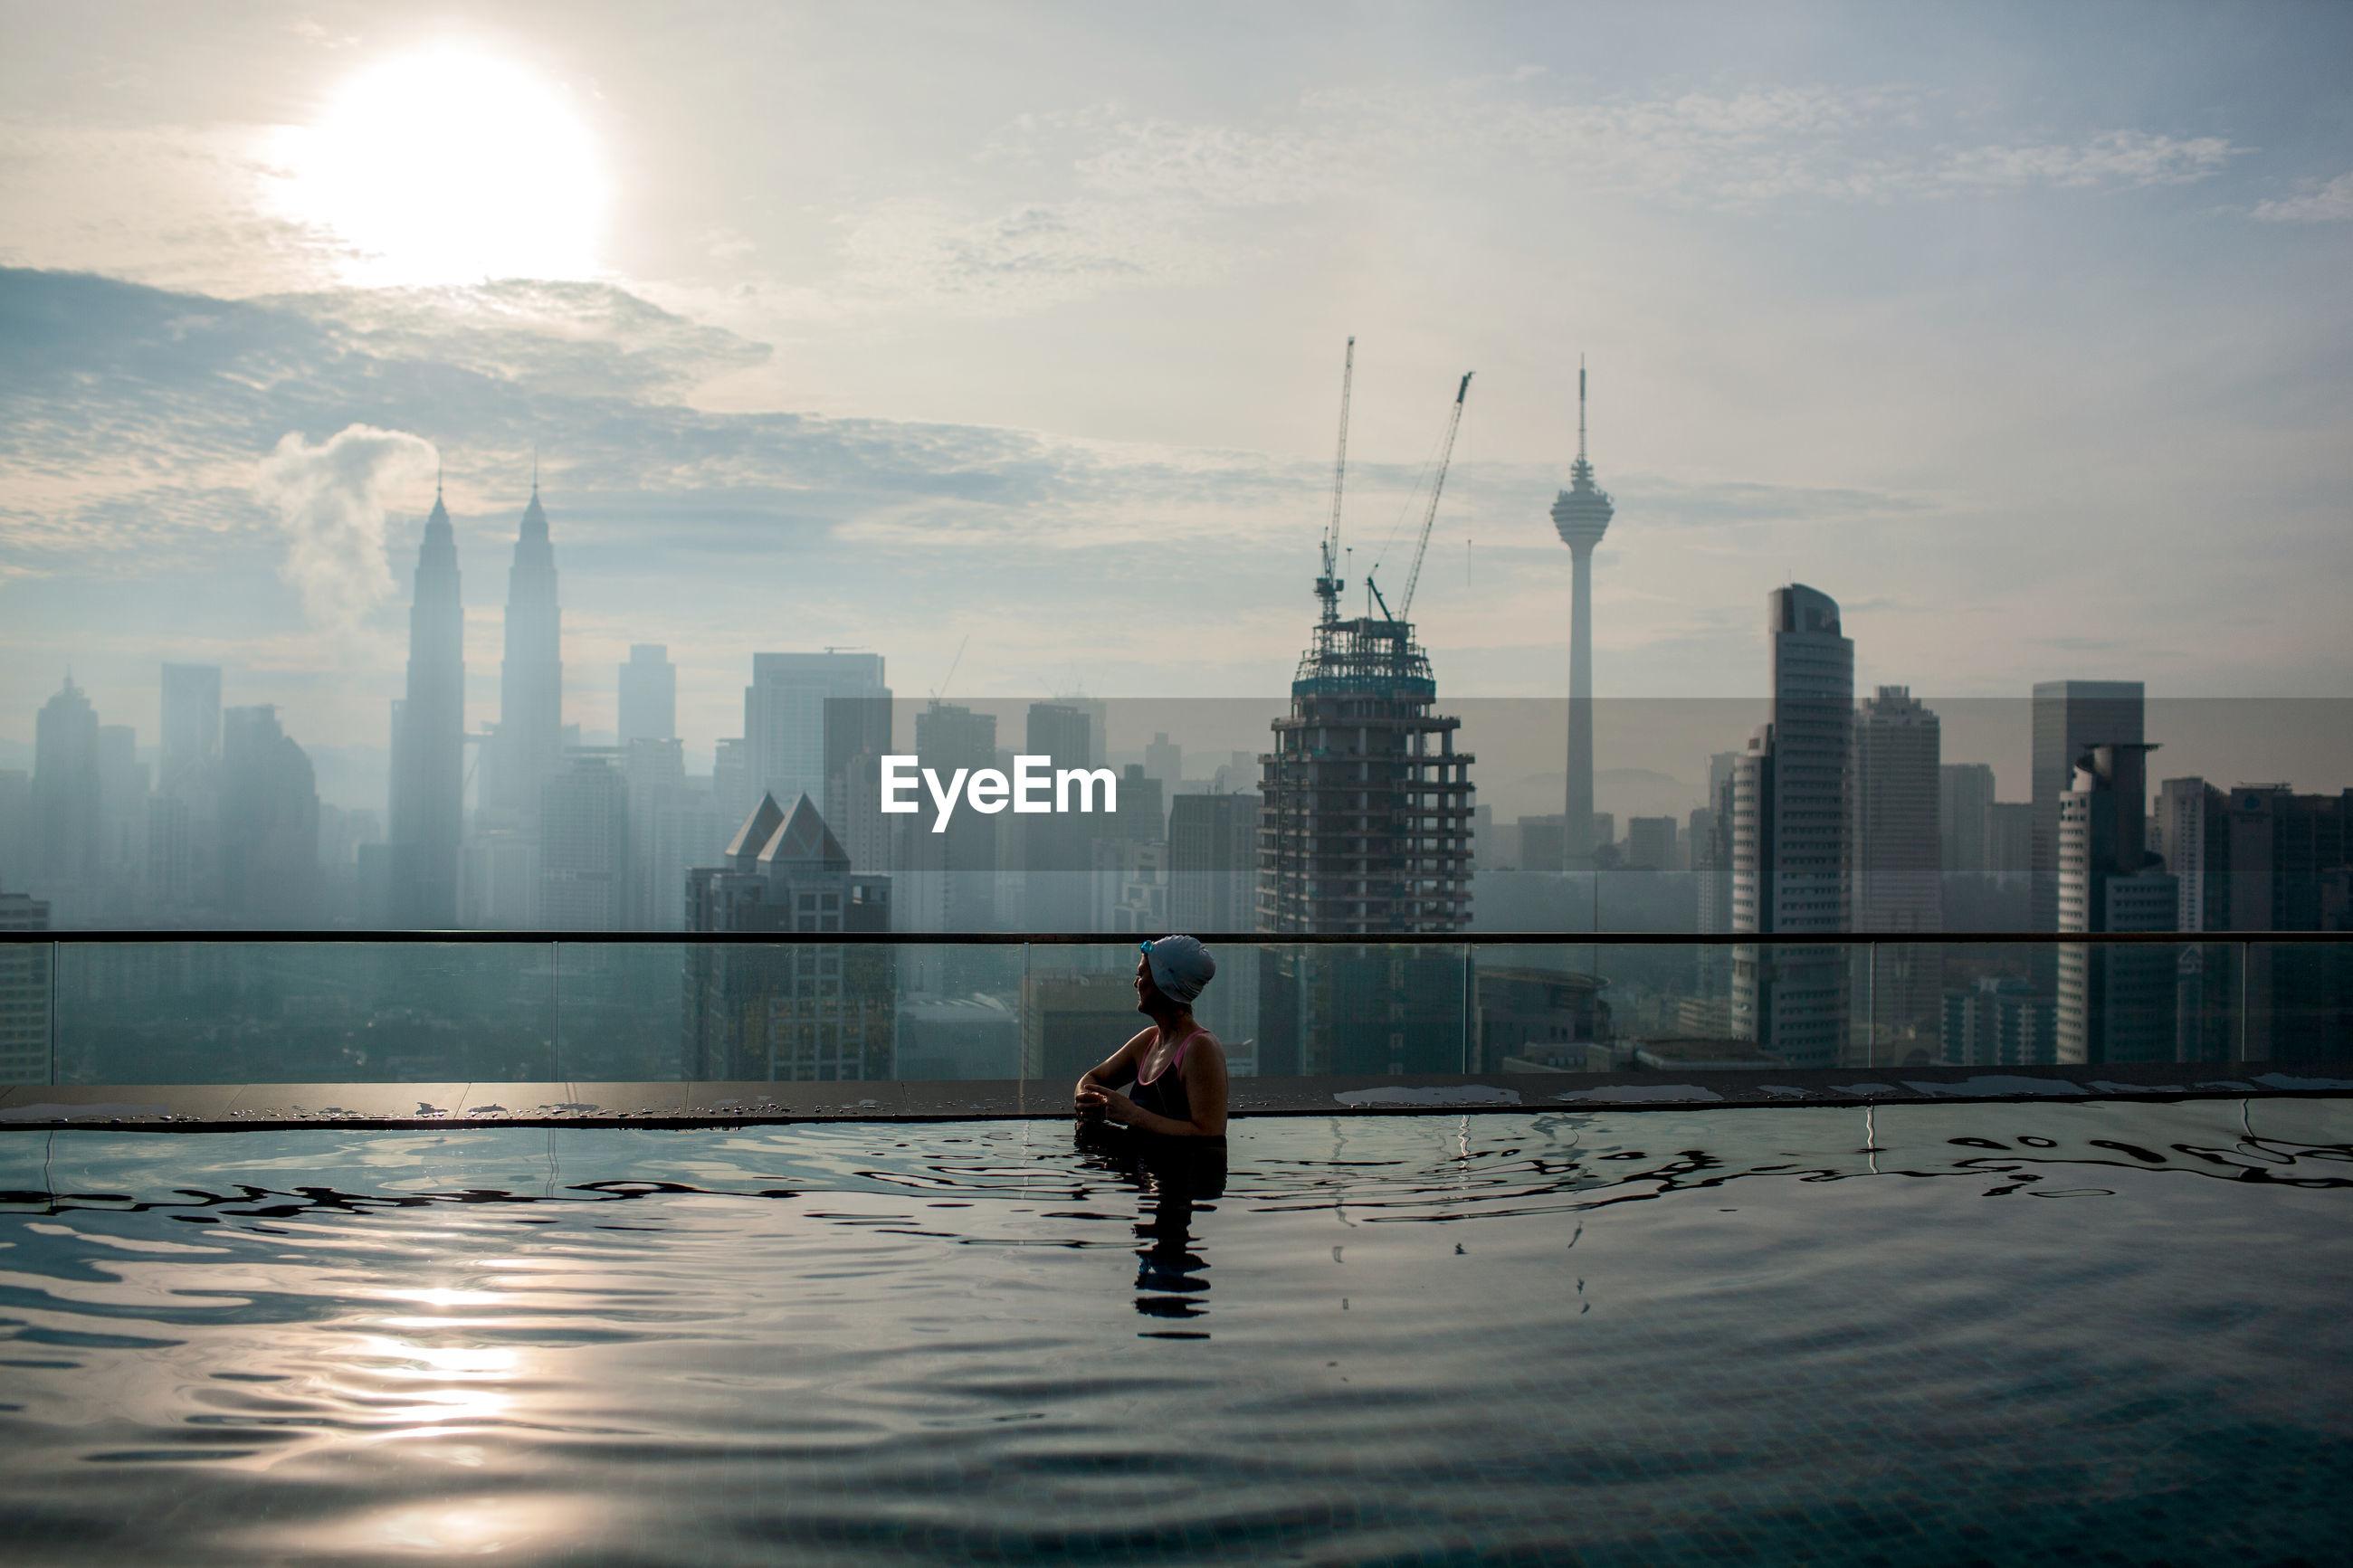 MAN IN SWIMMING POOL BY BUILDINGS AGAINST SKY